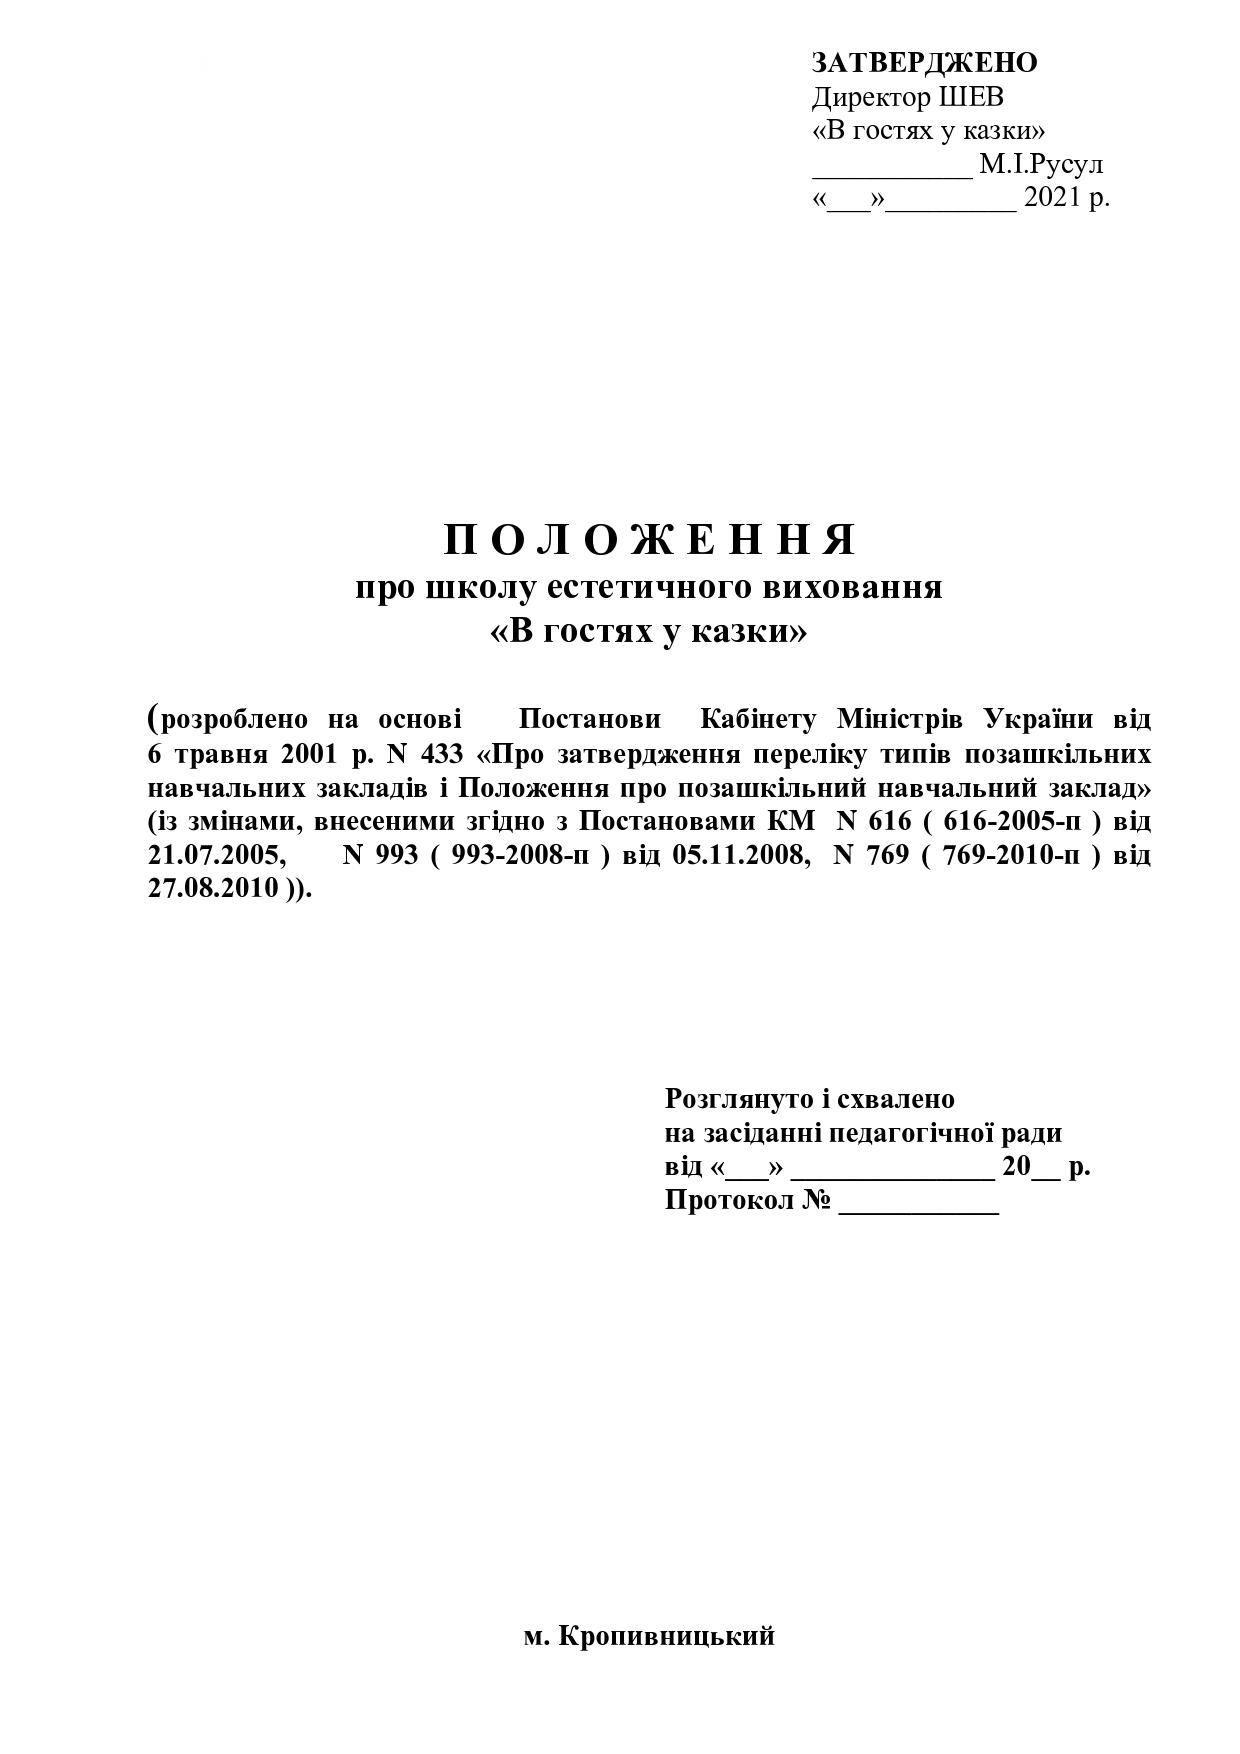 ПОЛОЖЕННЯ про ШЕВ 2021 оновлене-page0001